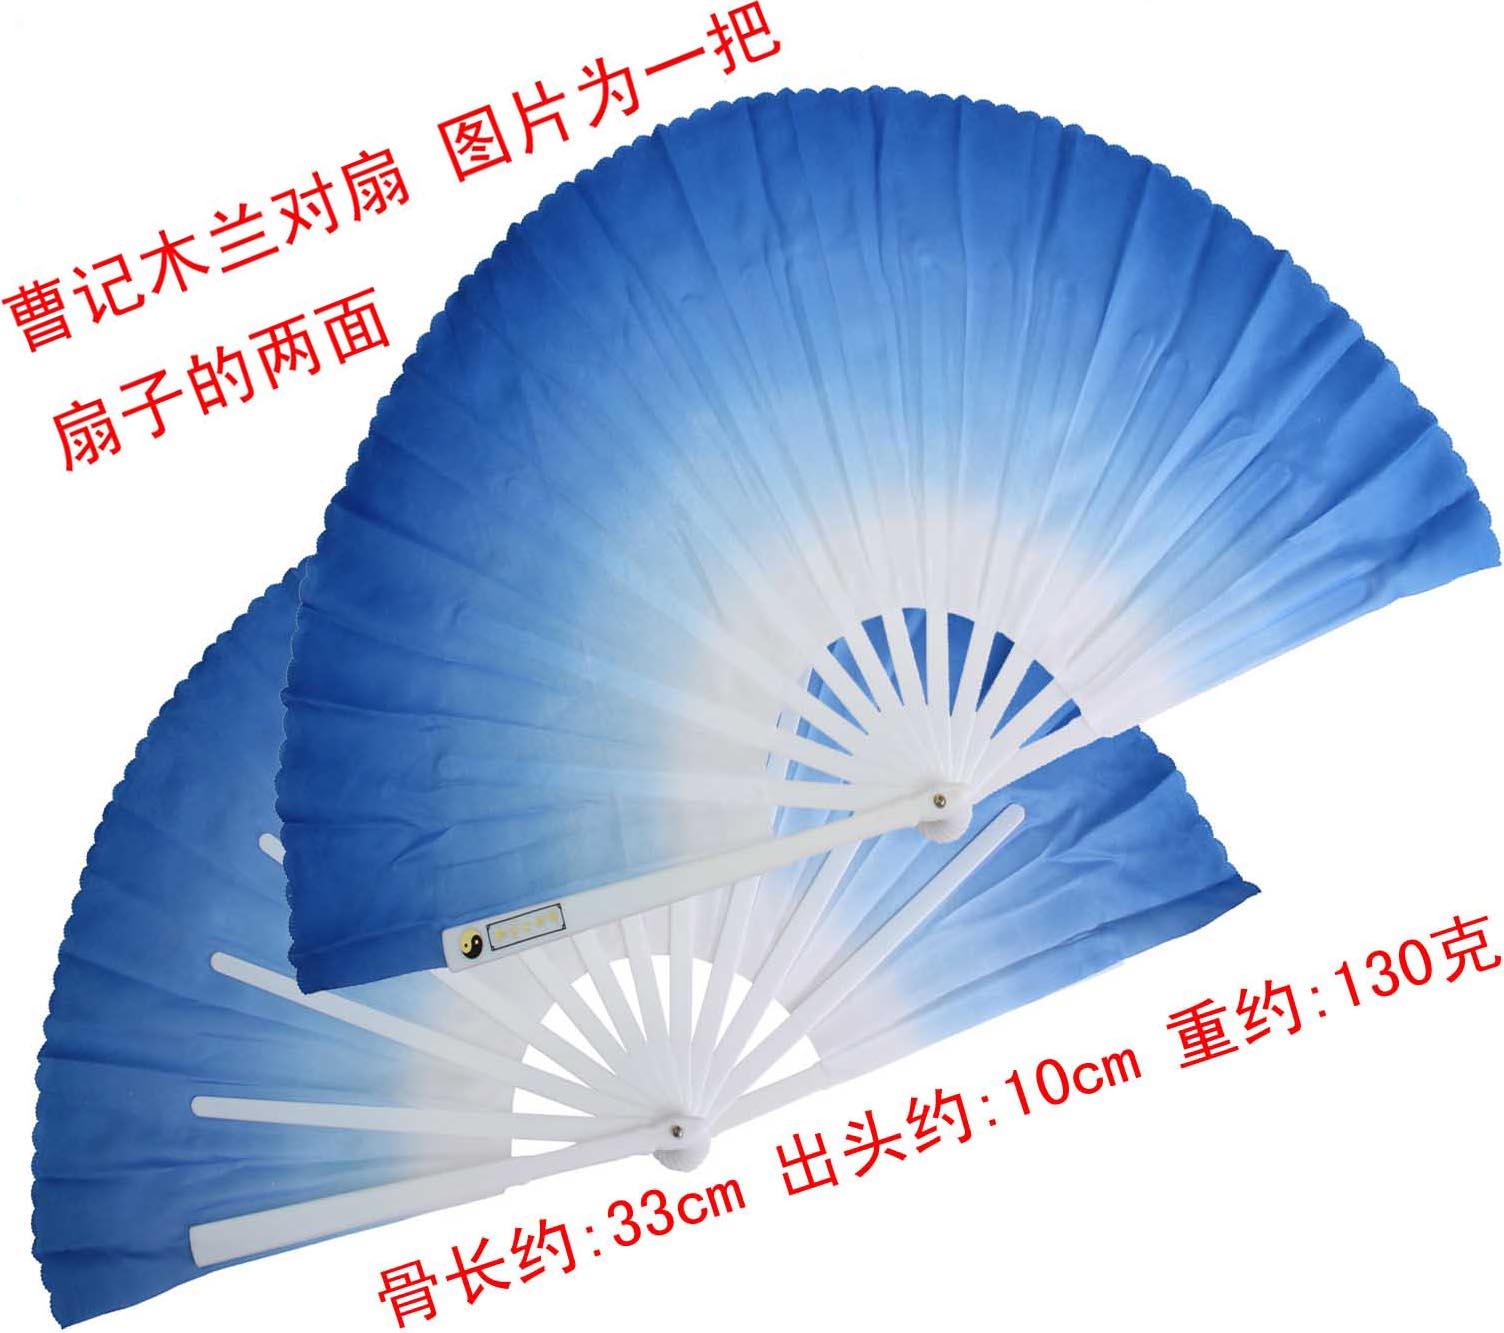 宣传单_v说法说法印机_广场汽车单片_单打舞木羽毛球坐垫图片